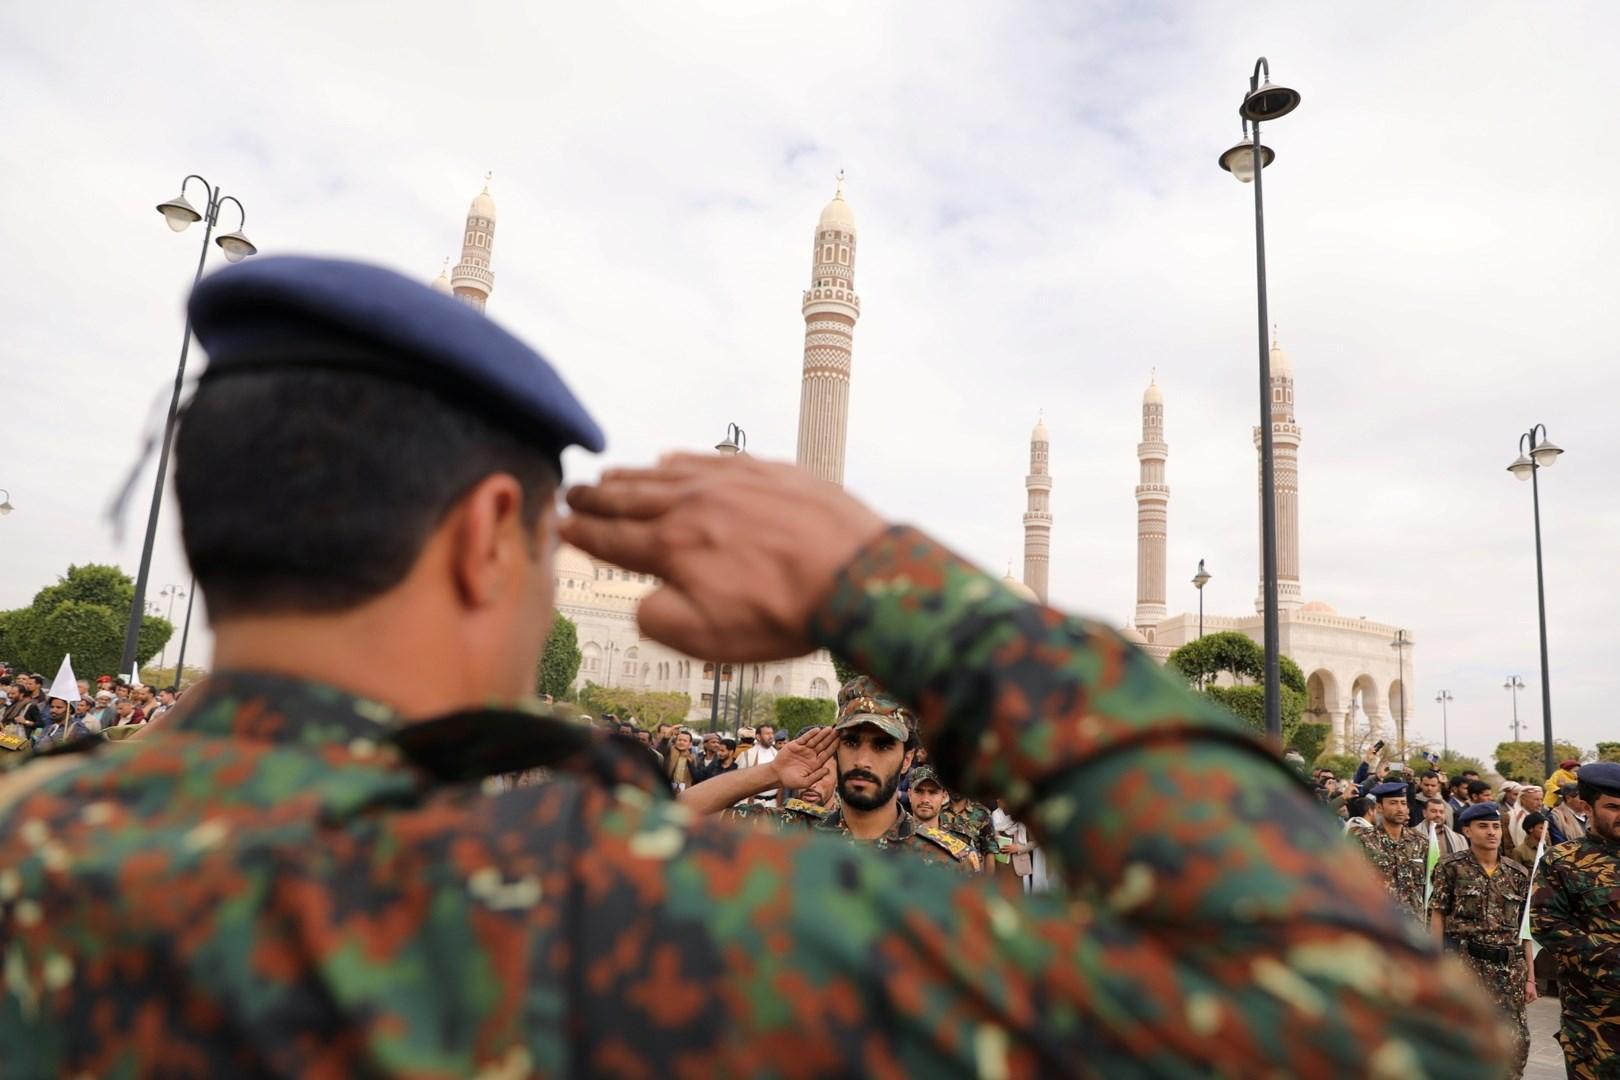 وزير الدفاع اليمني: العدوان لن يتوقف إلا بالقوة